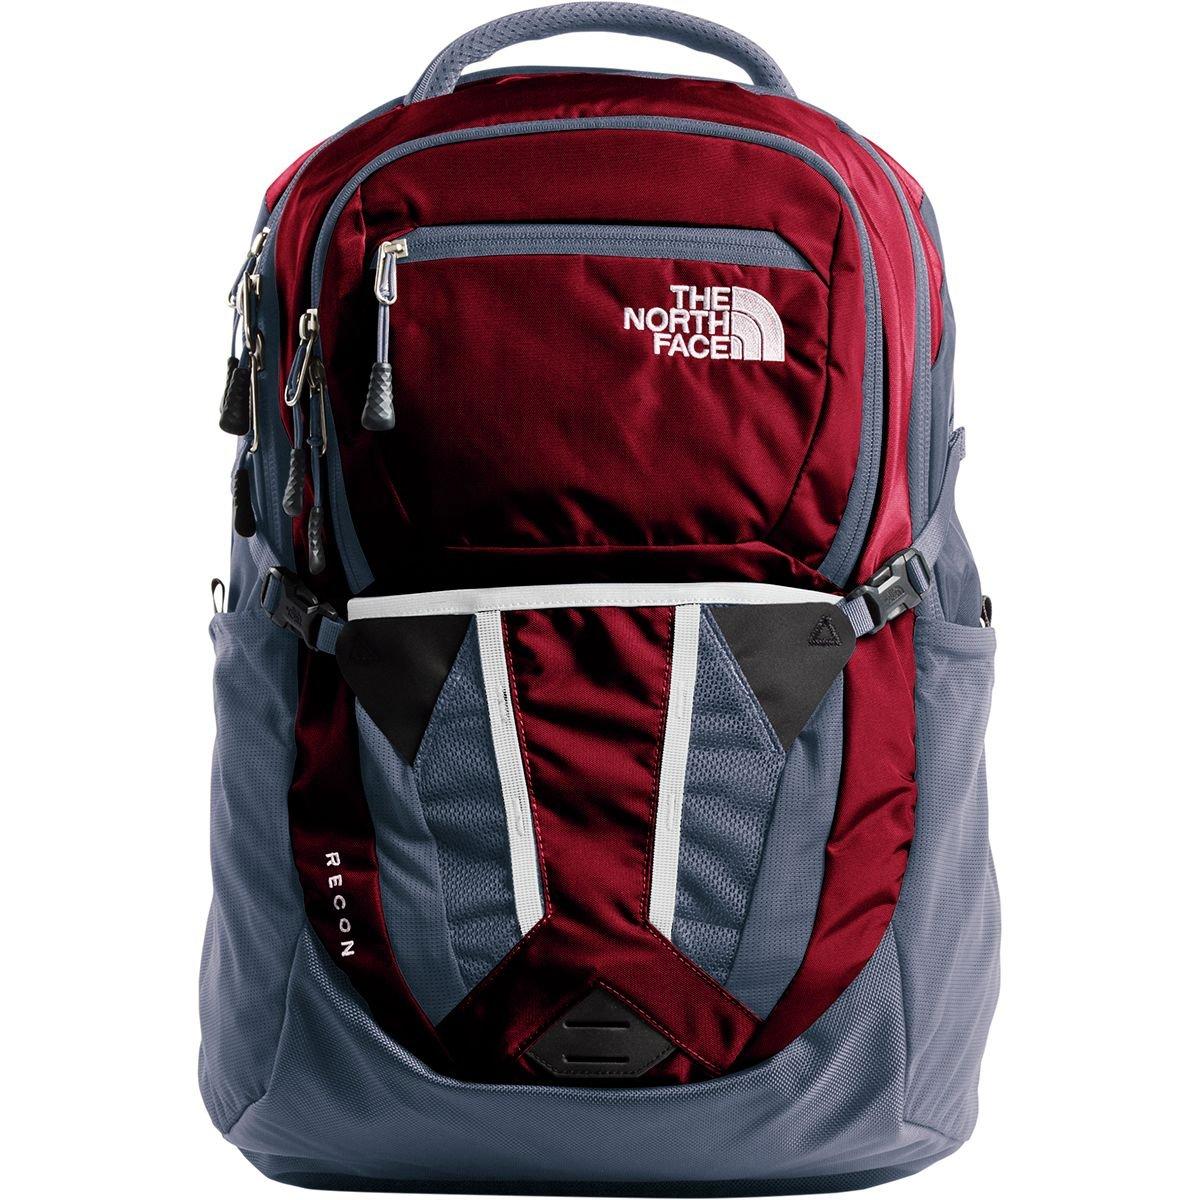 (ザノースフェイス) The North Face Recon 30L Backpack - Women'sレディース バックパック リュック Rumba Red/Grisaille Grey [並行輸入品]   B07F9TFLZT